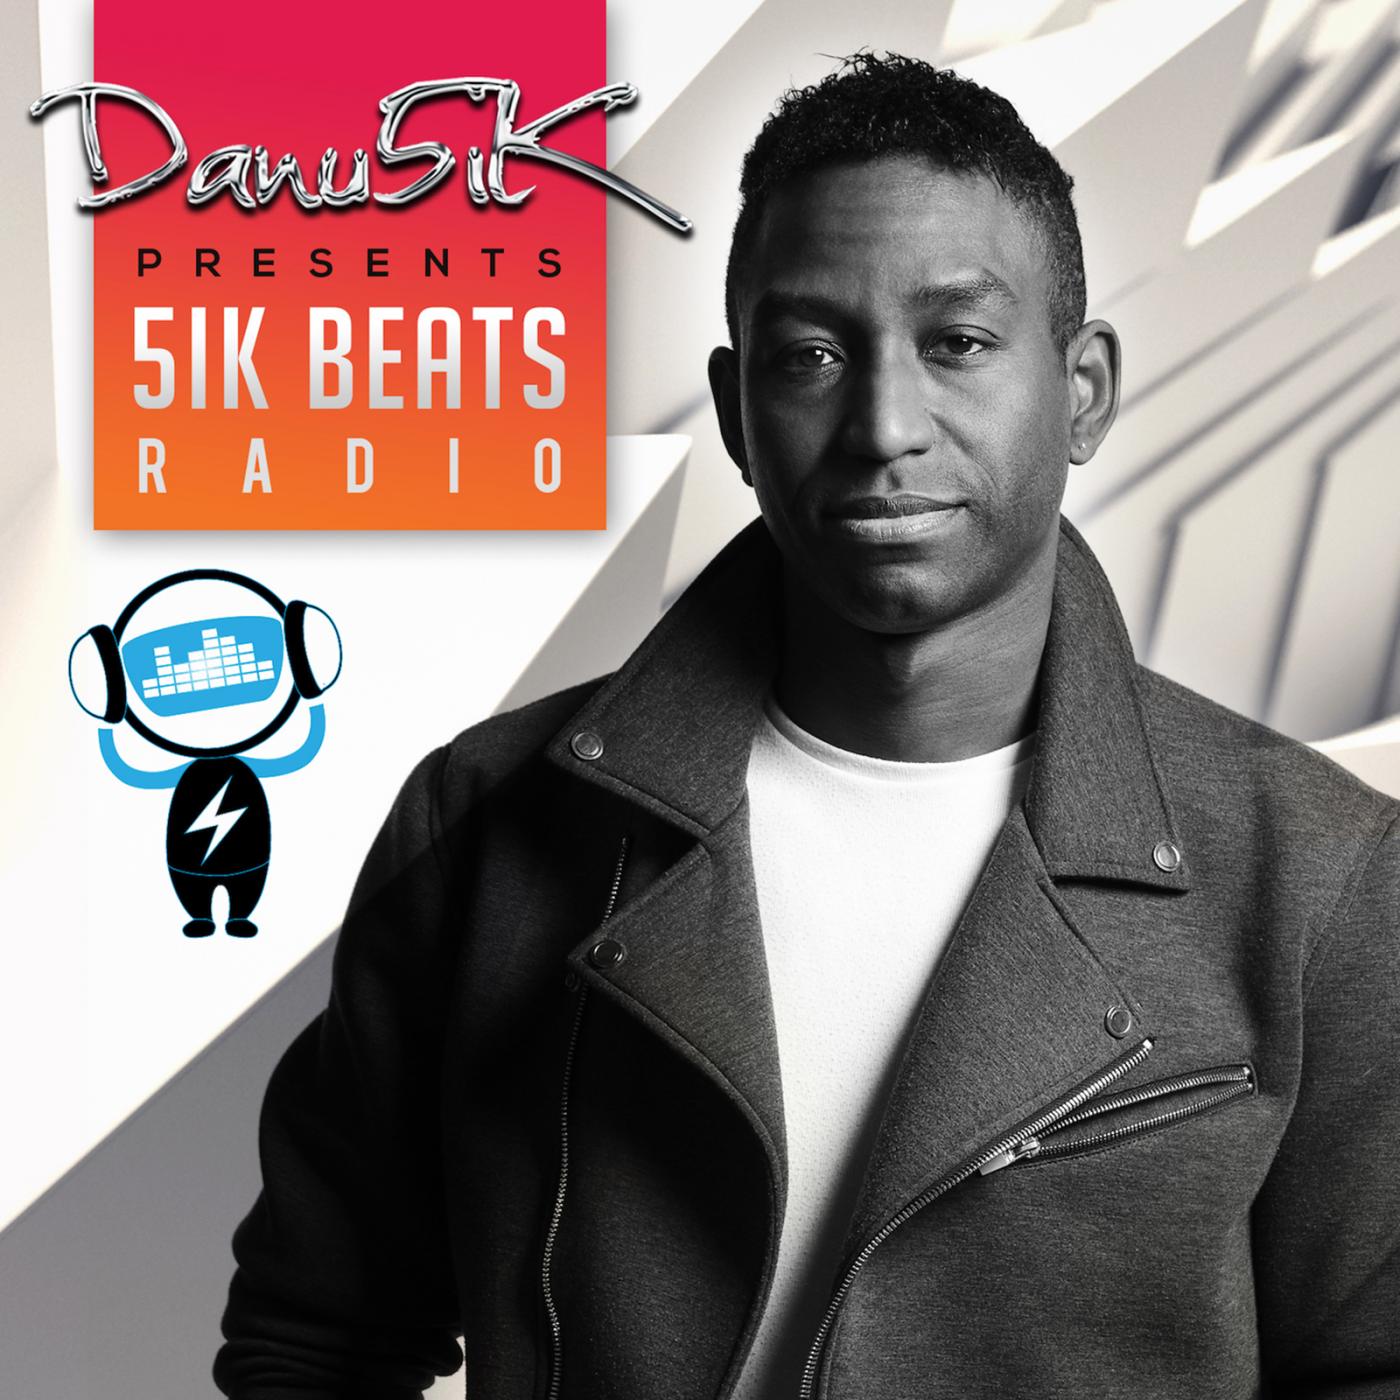 5ik Beats Radio 107 | Danu5ik